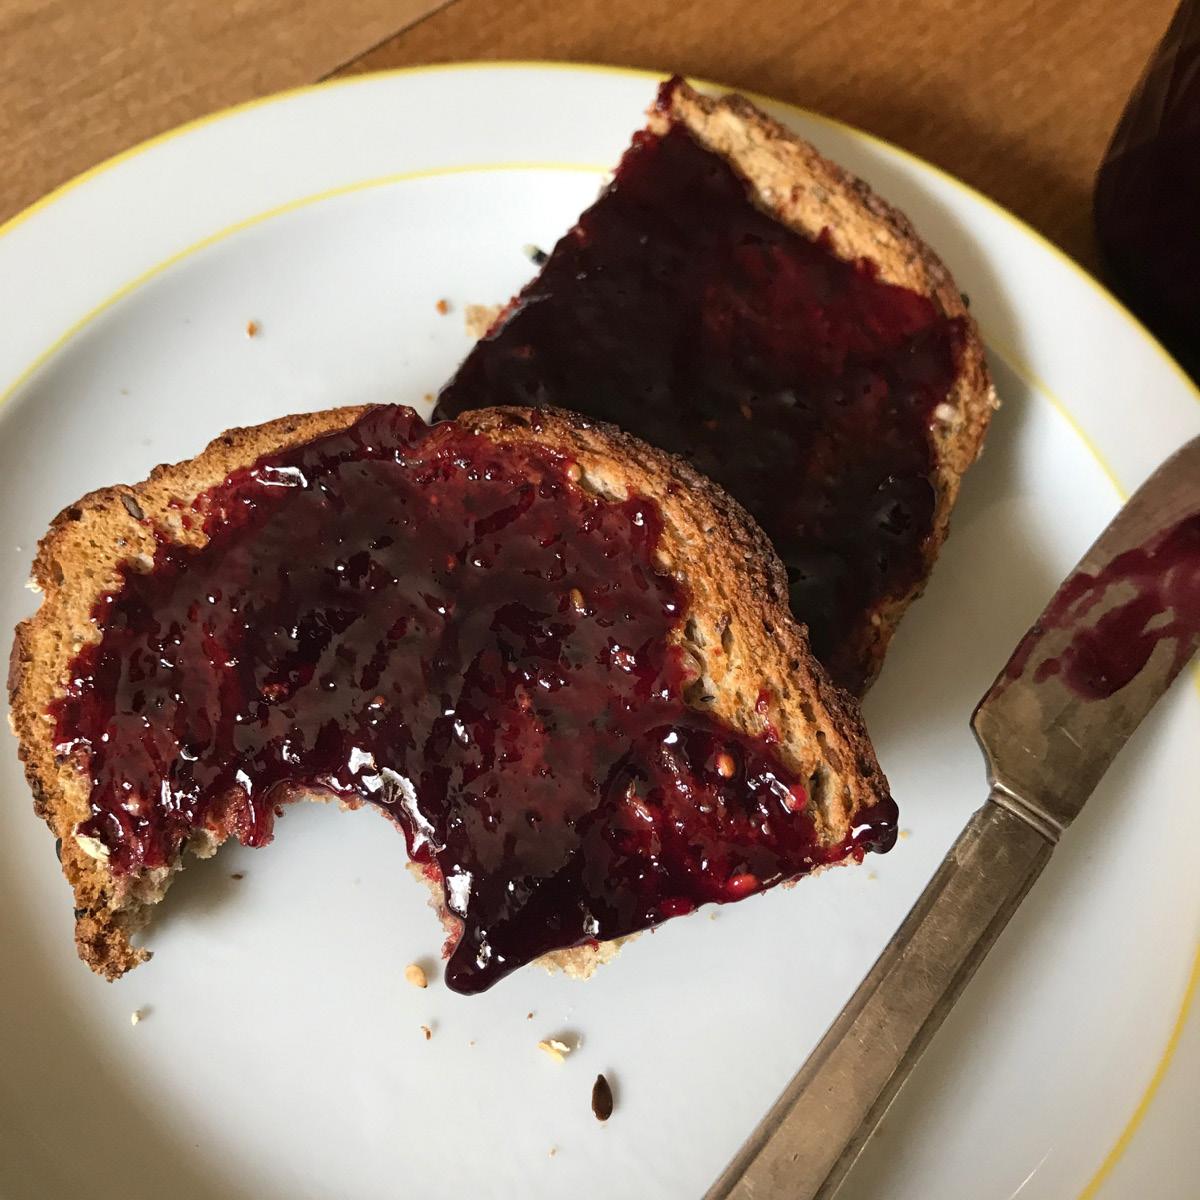 jam, grapes, fall, how to make concord grape jam